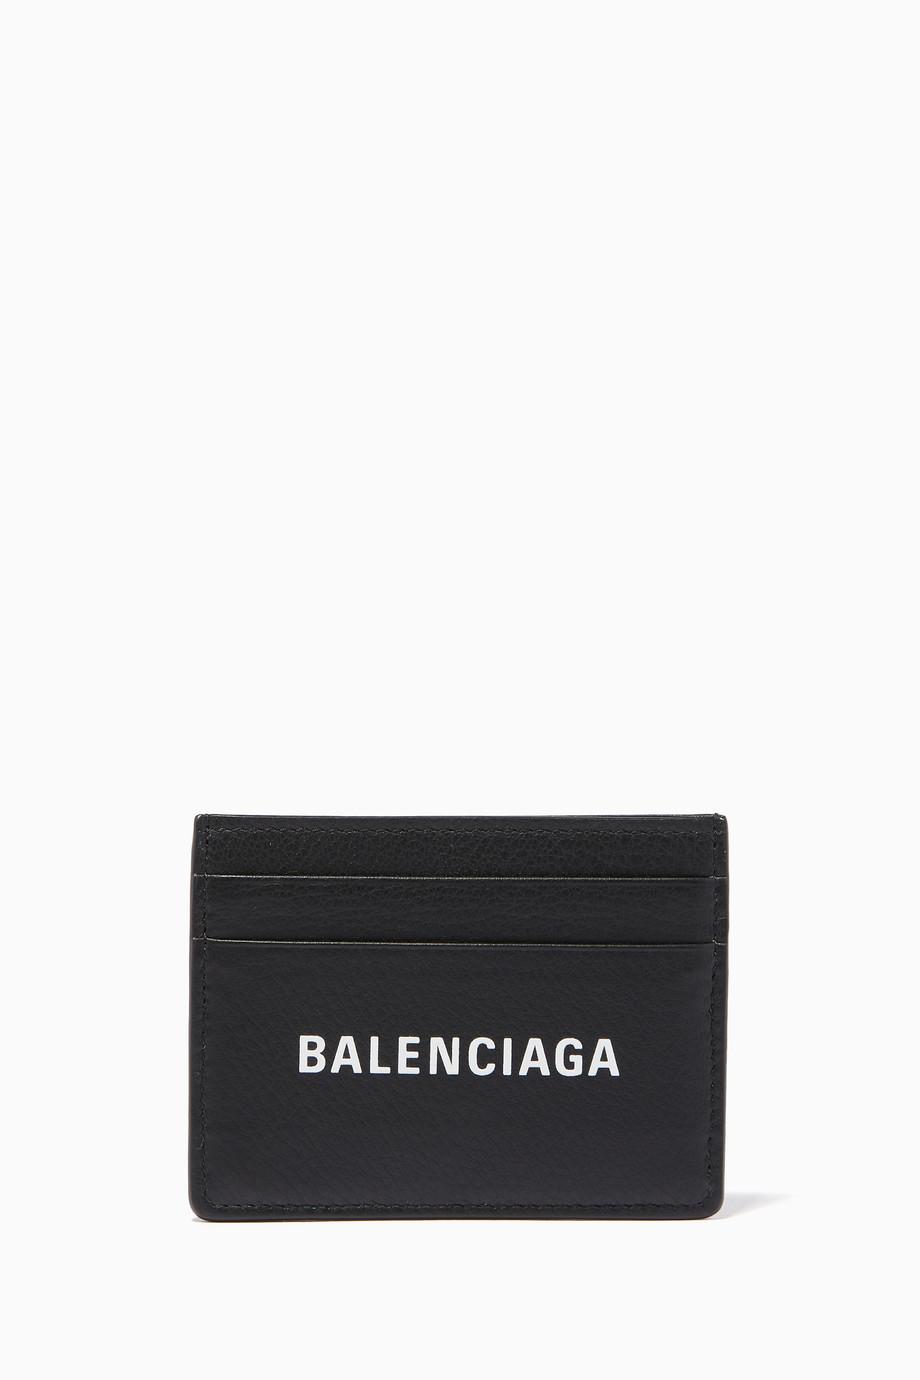 cbd028ff32 Shop Balenciaga Black Everyday Logo Card Holder for Men | Ounass